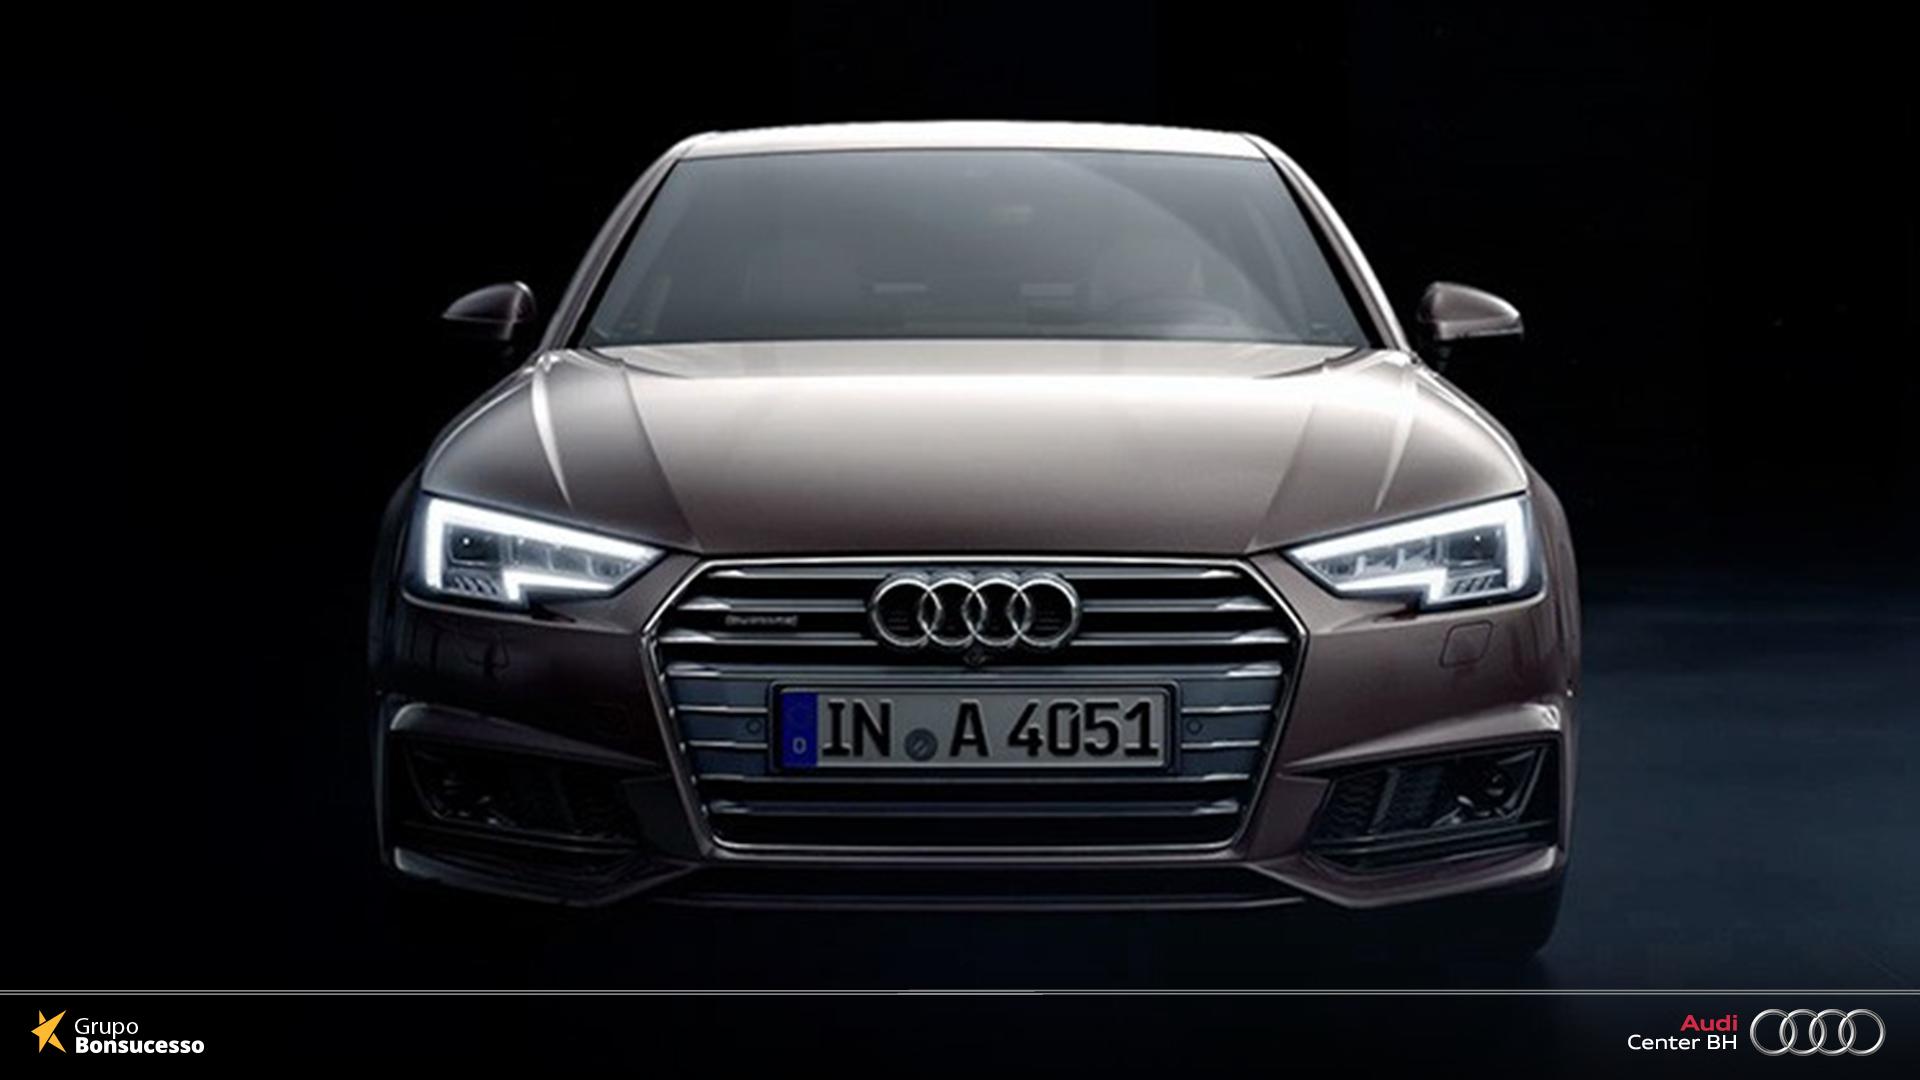 O Design Esportivo Do Audi Sedan Funde Se Harmoniosamente Com O